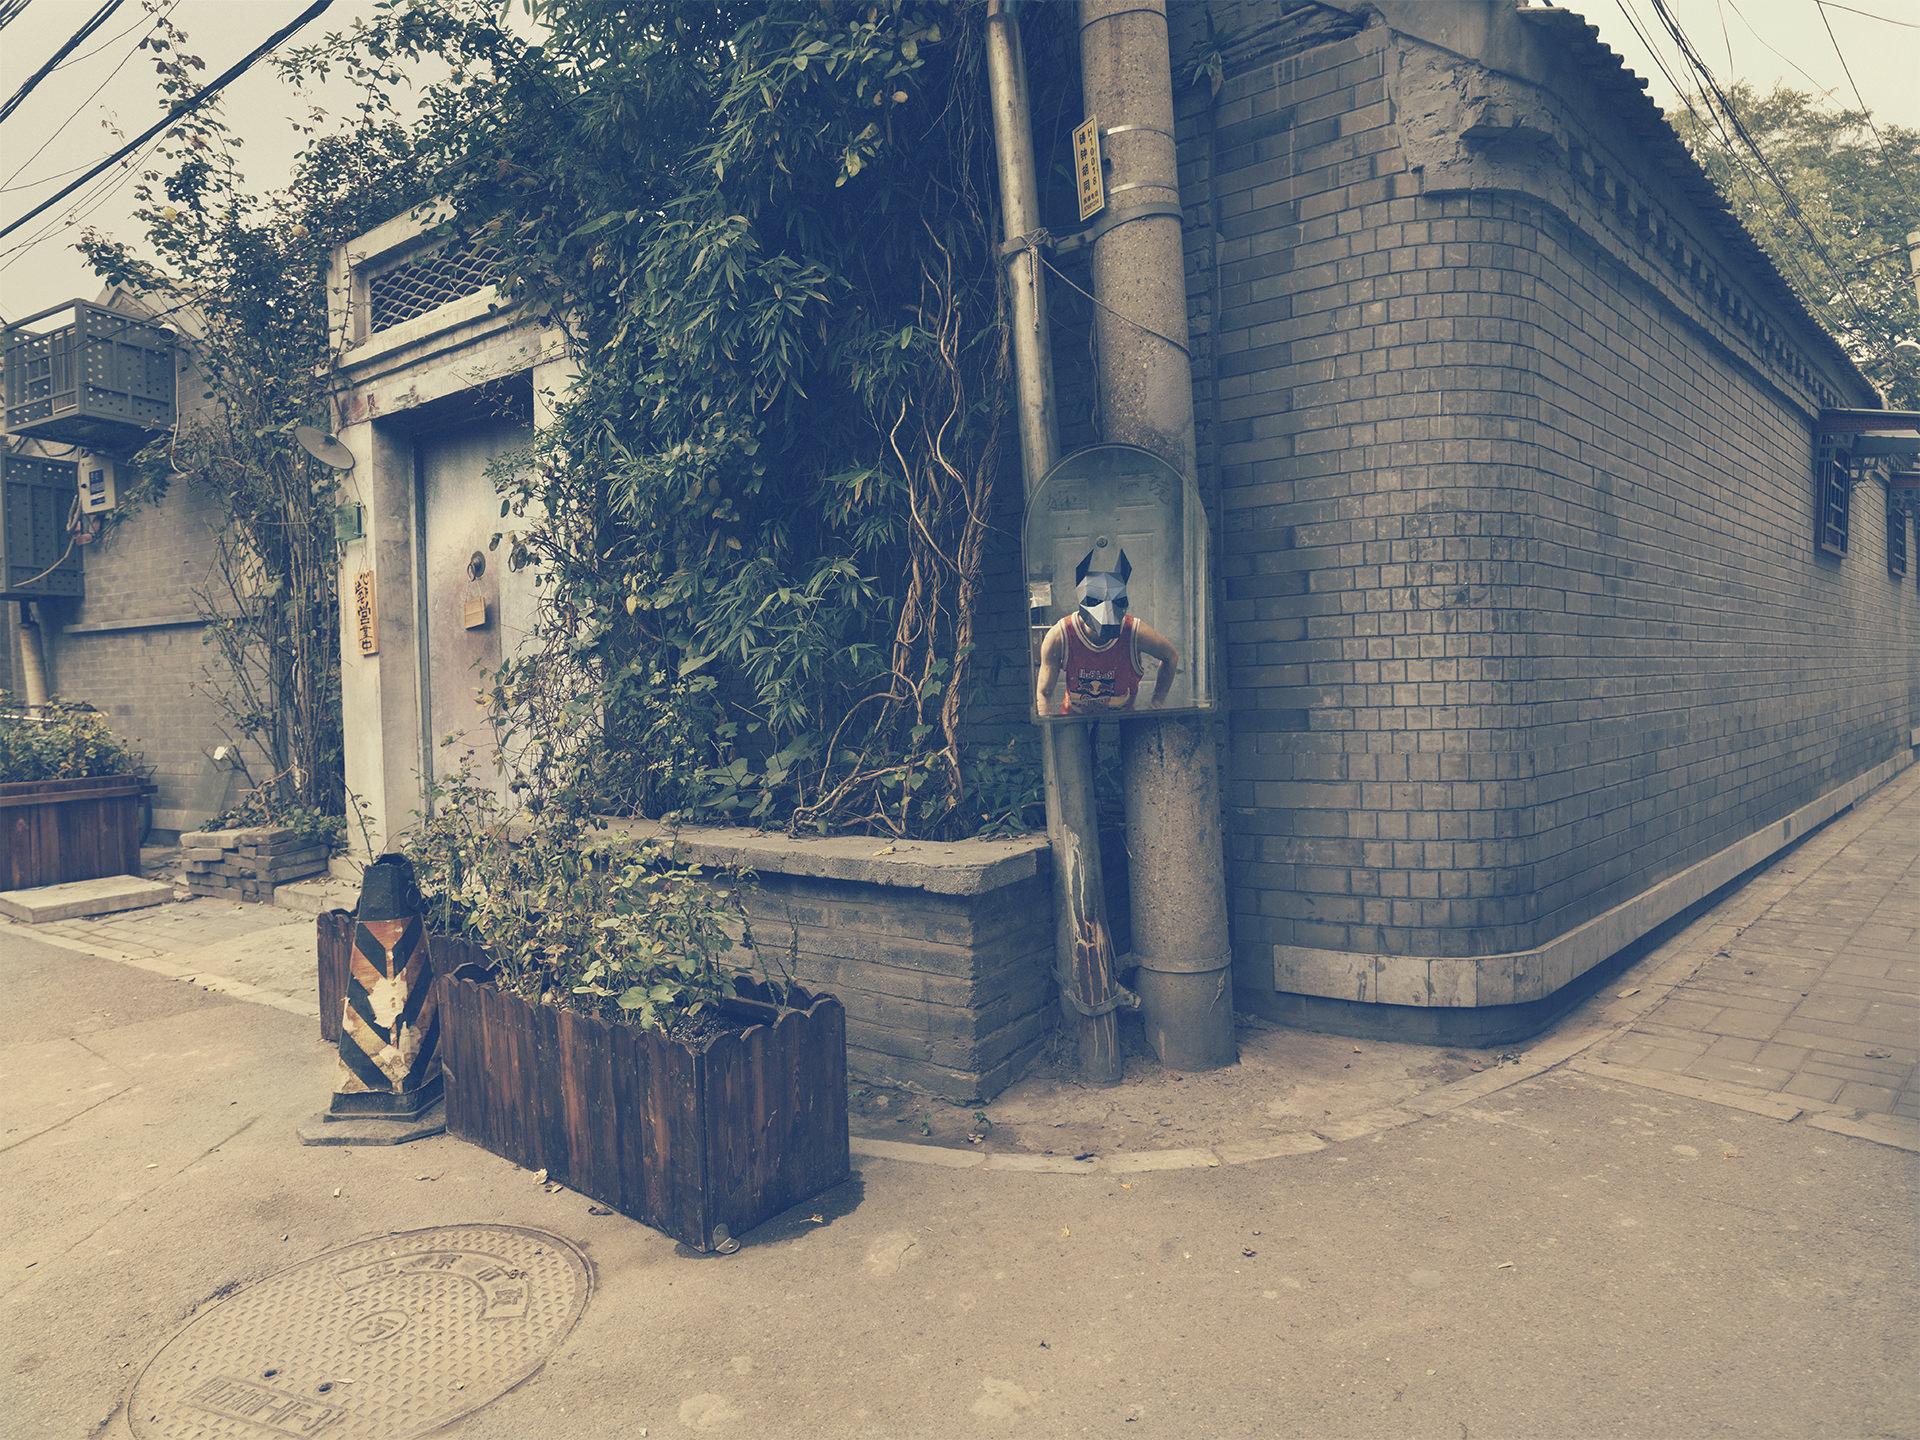 ©ankeluckmann1775, wintercroft, masken, beijing,china, www.ankeluckmann.com, parkour, peking, fine art, personal work, urban, goes awards, hutong, mirror, doberman